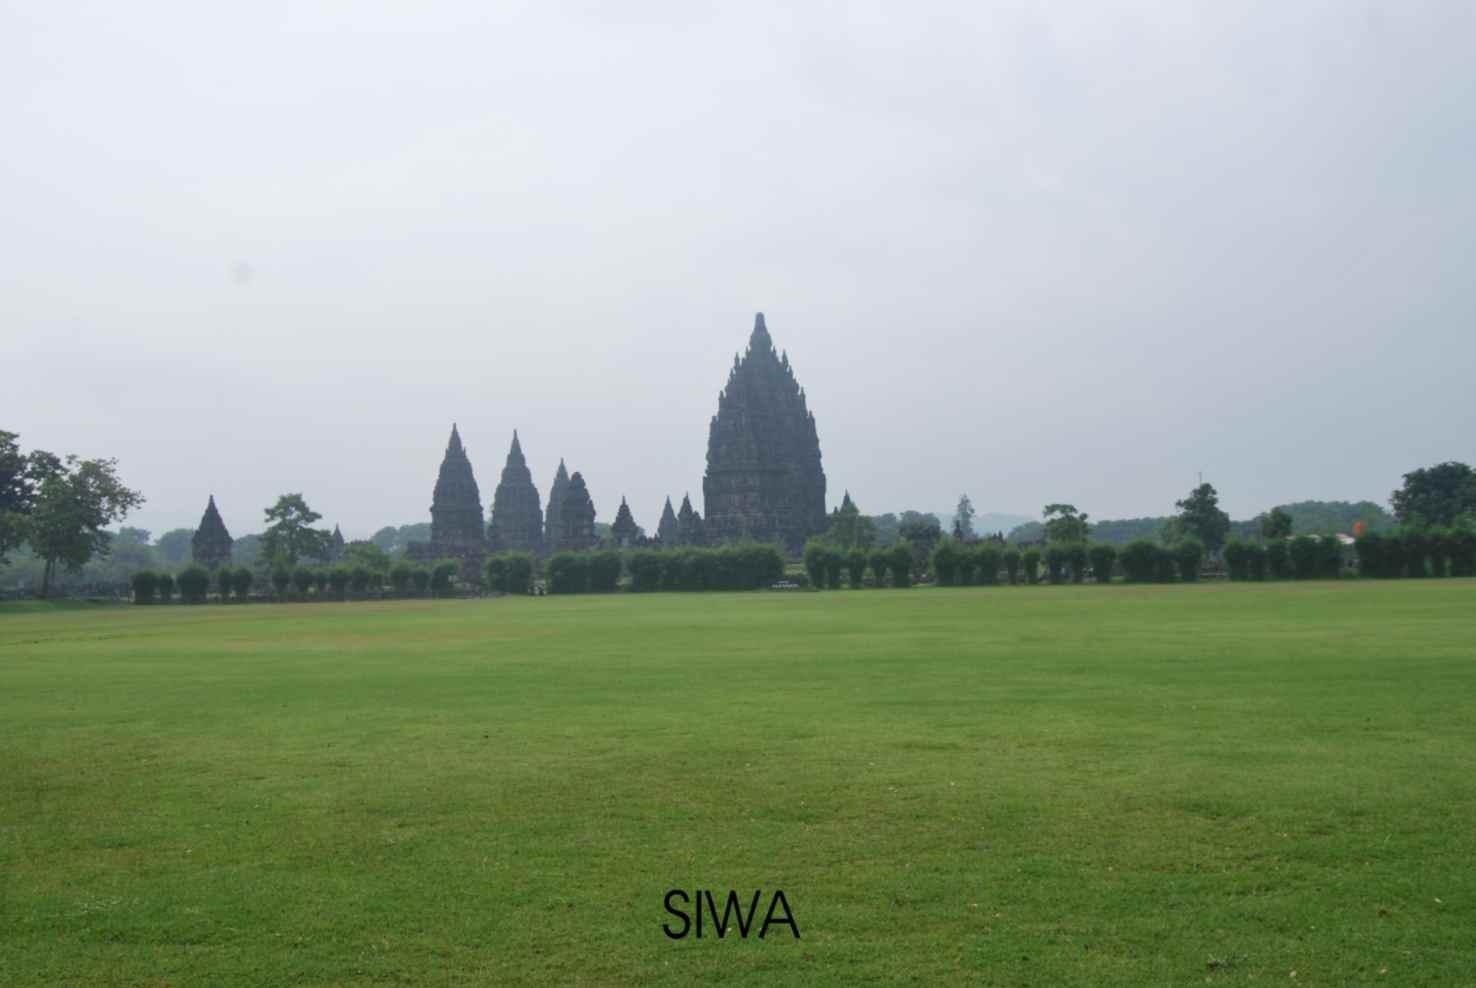 http://SIWA